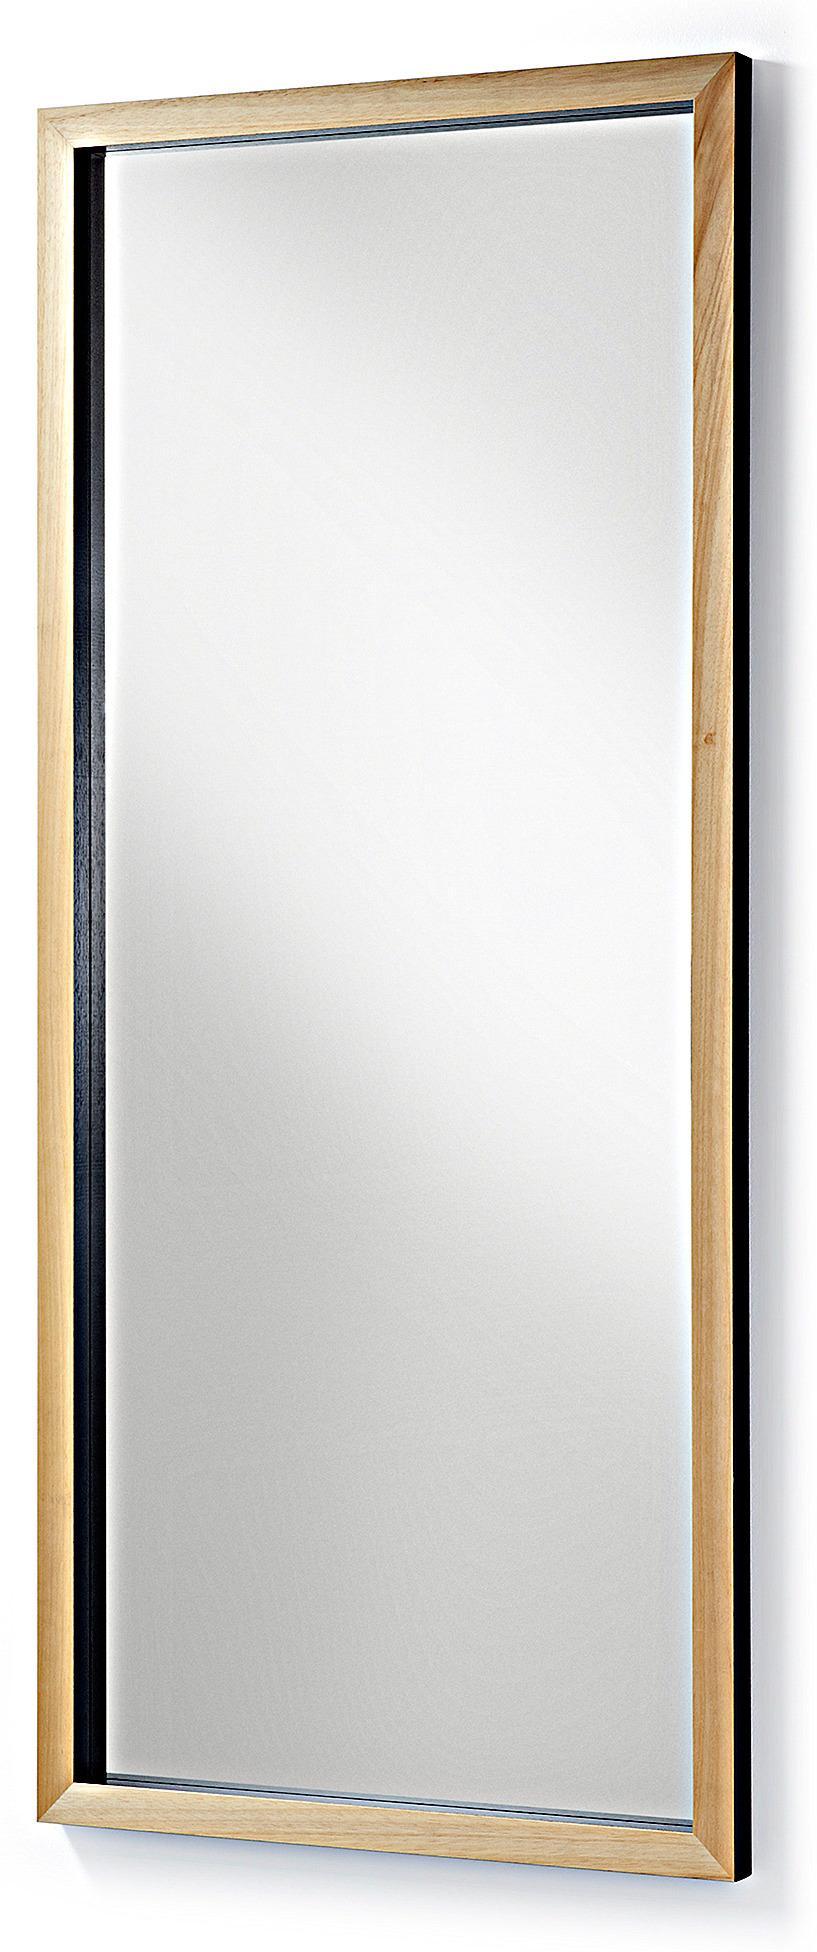 spiegel met houten frame laforma spiegel drop b 178 x h 78 cm houten frame zwart la